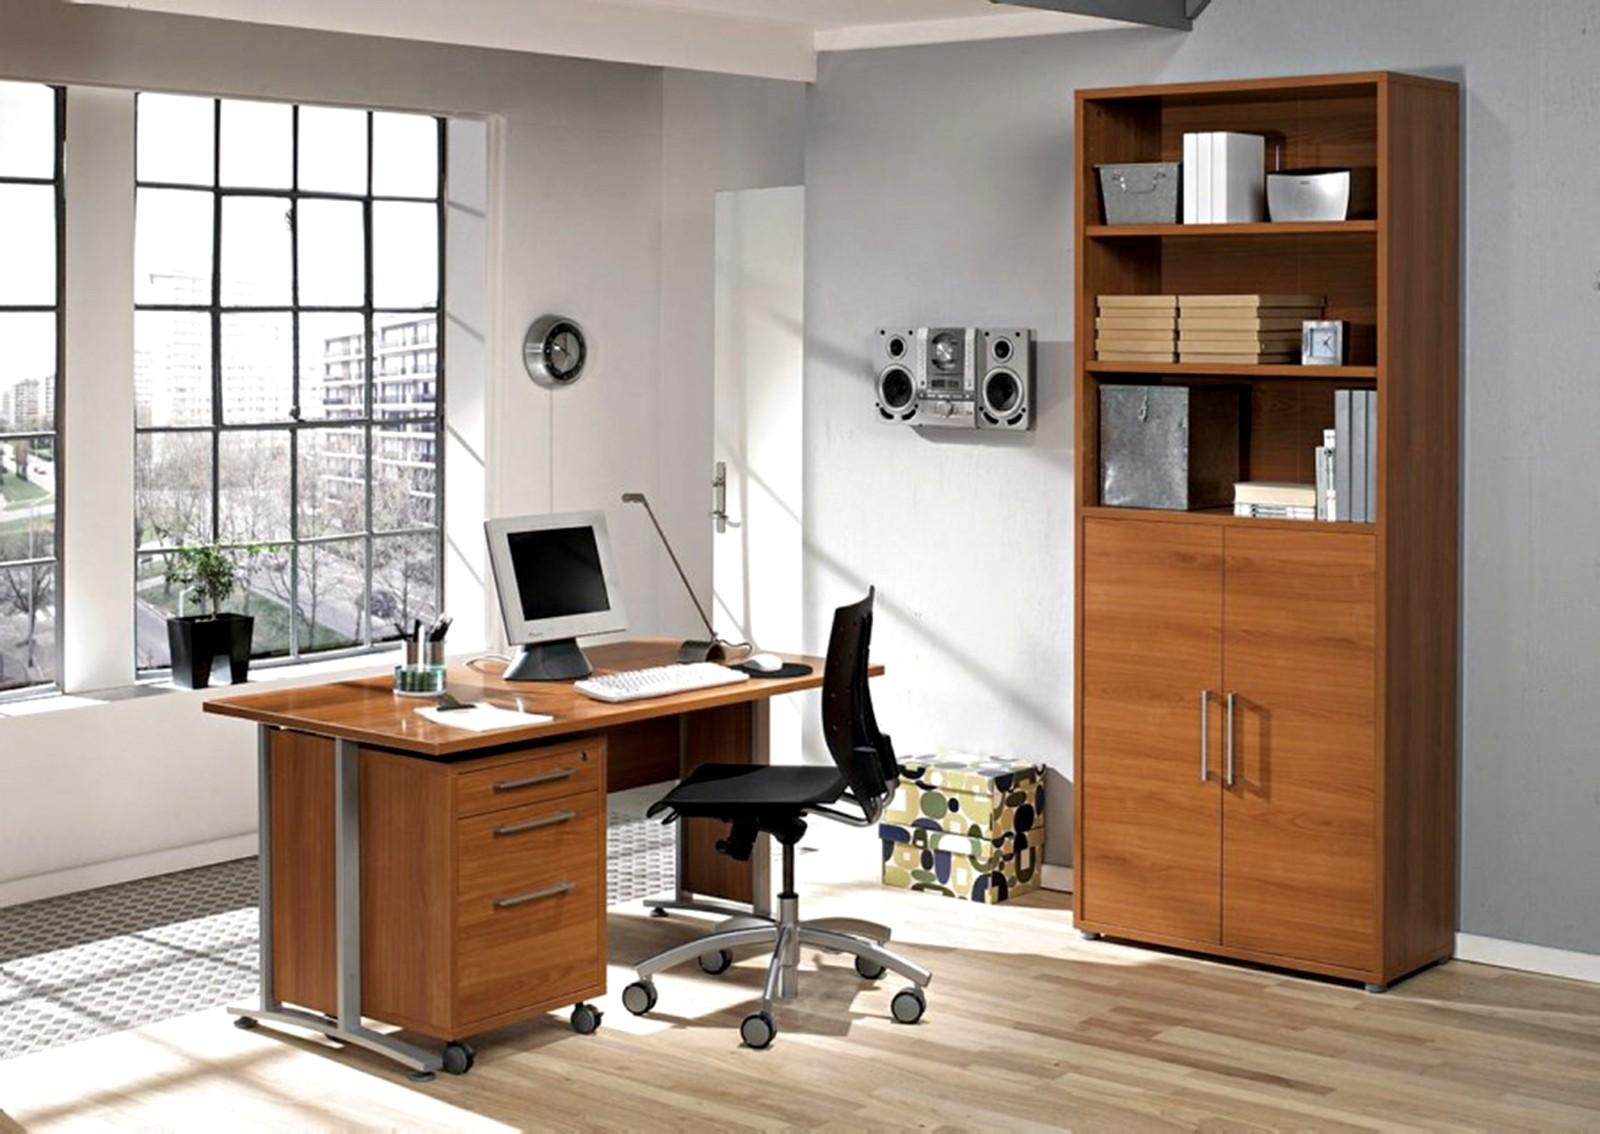 Mobili da ufficio cassettiere carrelli mobilia la tua casa - Mobili per casa ...